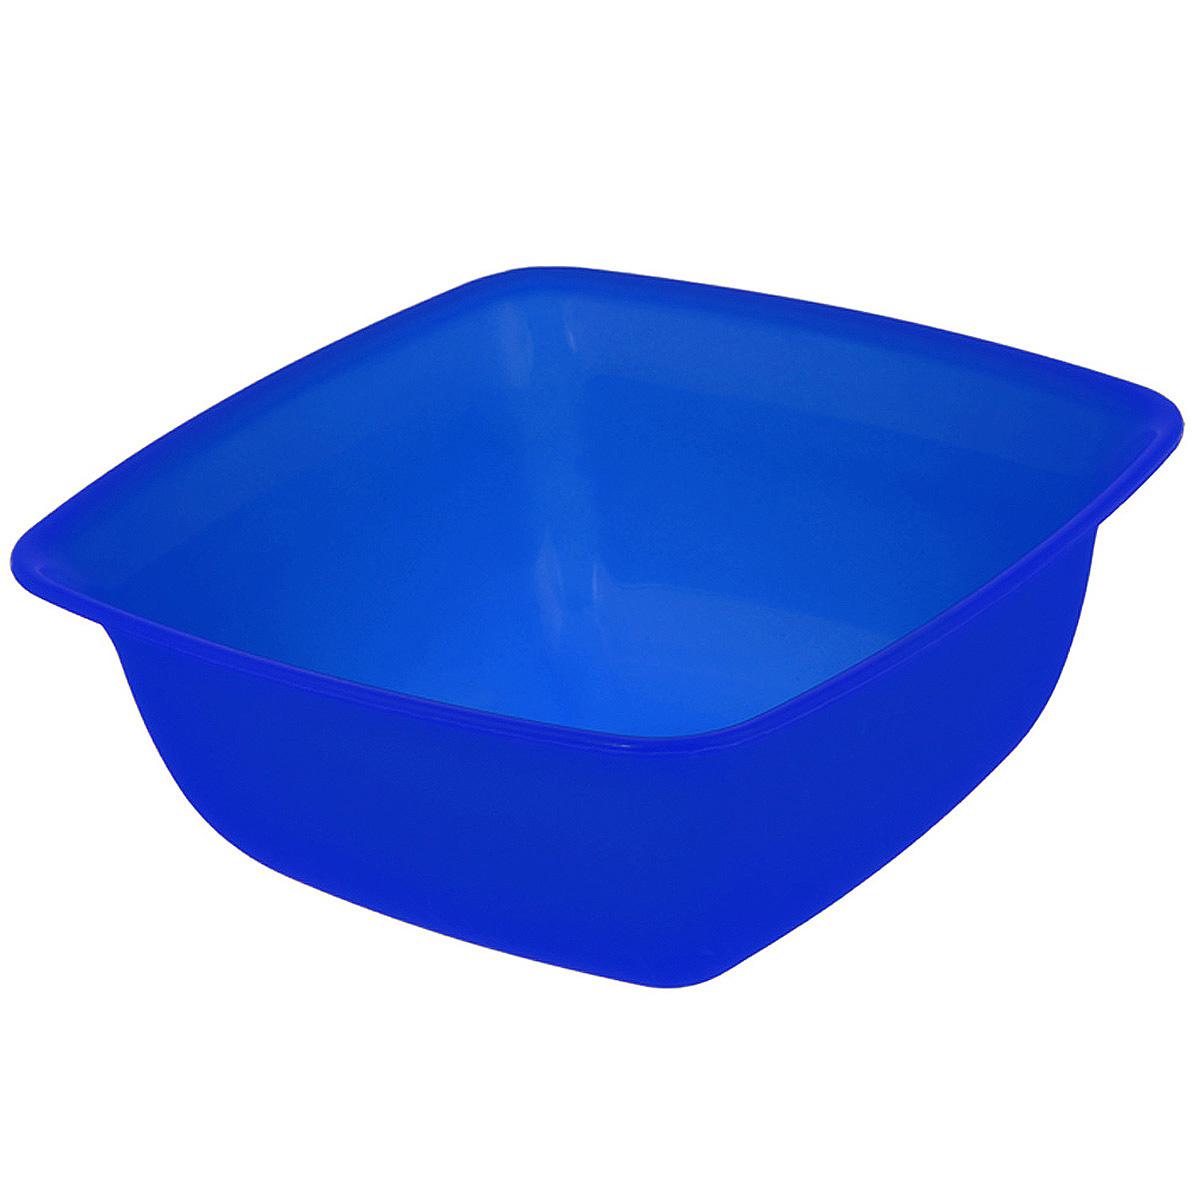 Миска Dunya Plastik, квадратная, цвет: синий, 600 мл10171_синийМиска Dunya Plastik изготовлена из пищевого пластика квадратной формы. Имеет внешние матовые стенки и внутренние глянцевые. Изделие очень функциональное, оно пригодится на кухне для самых разнообразных нужд: в качестве салатника, миски, тарелки. Можно мыть в посудомоечной машине. Объем: 600 мл. Размер миски (по верхнему краю): 13,5 см х 13,5 см. Высота стенки: 6 см.